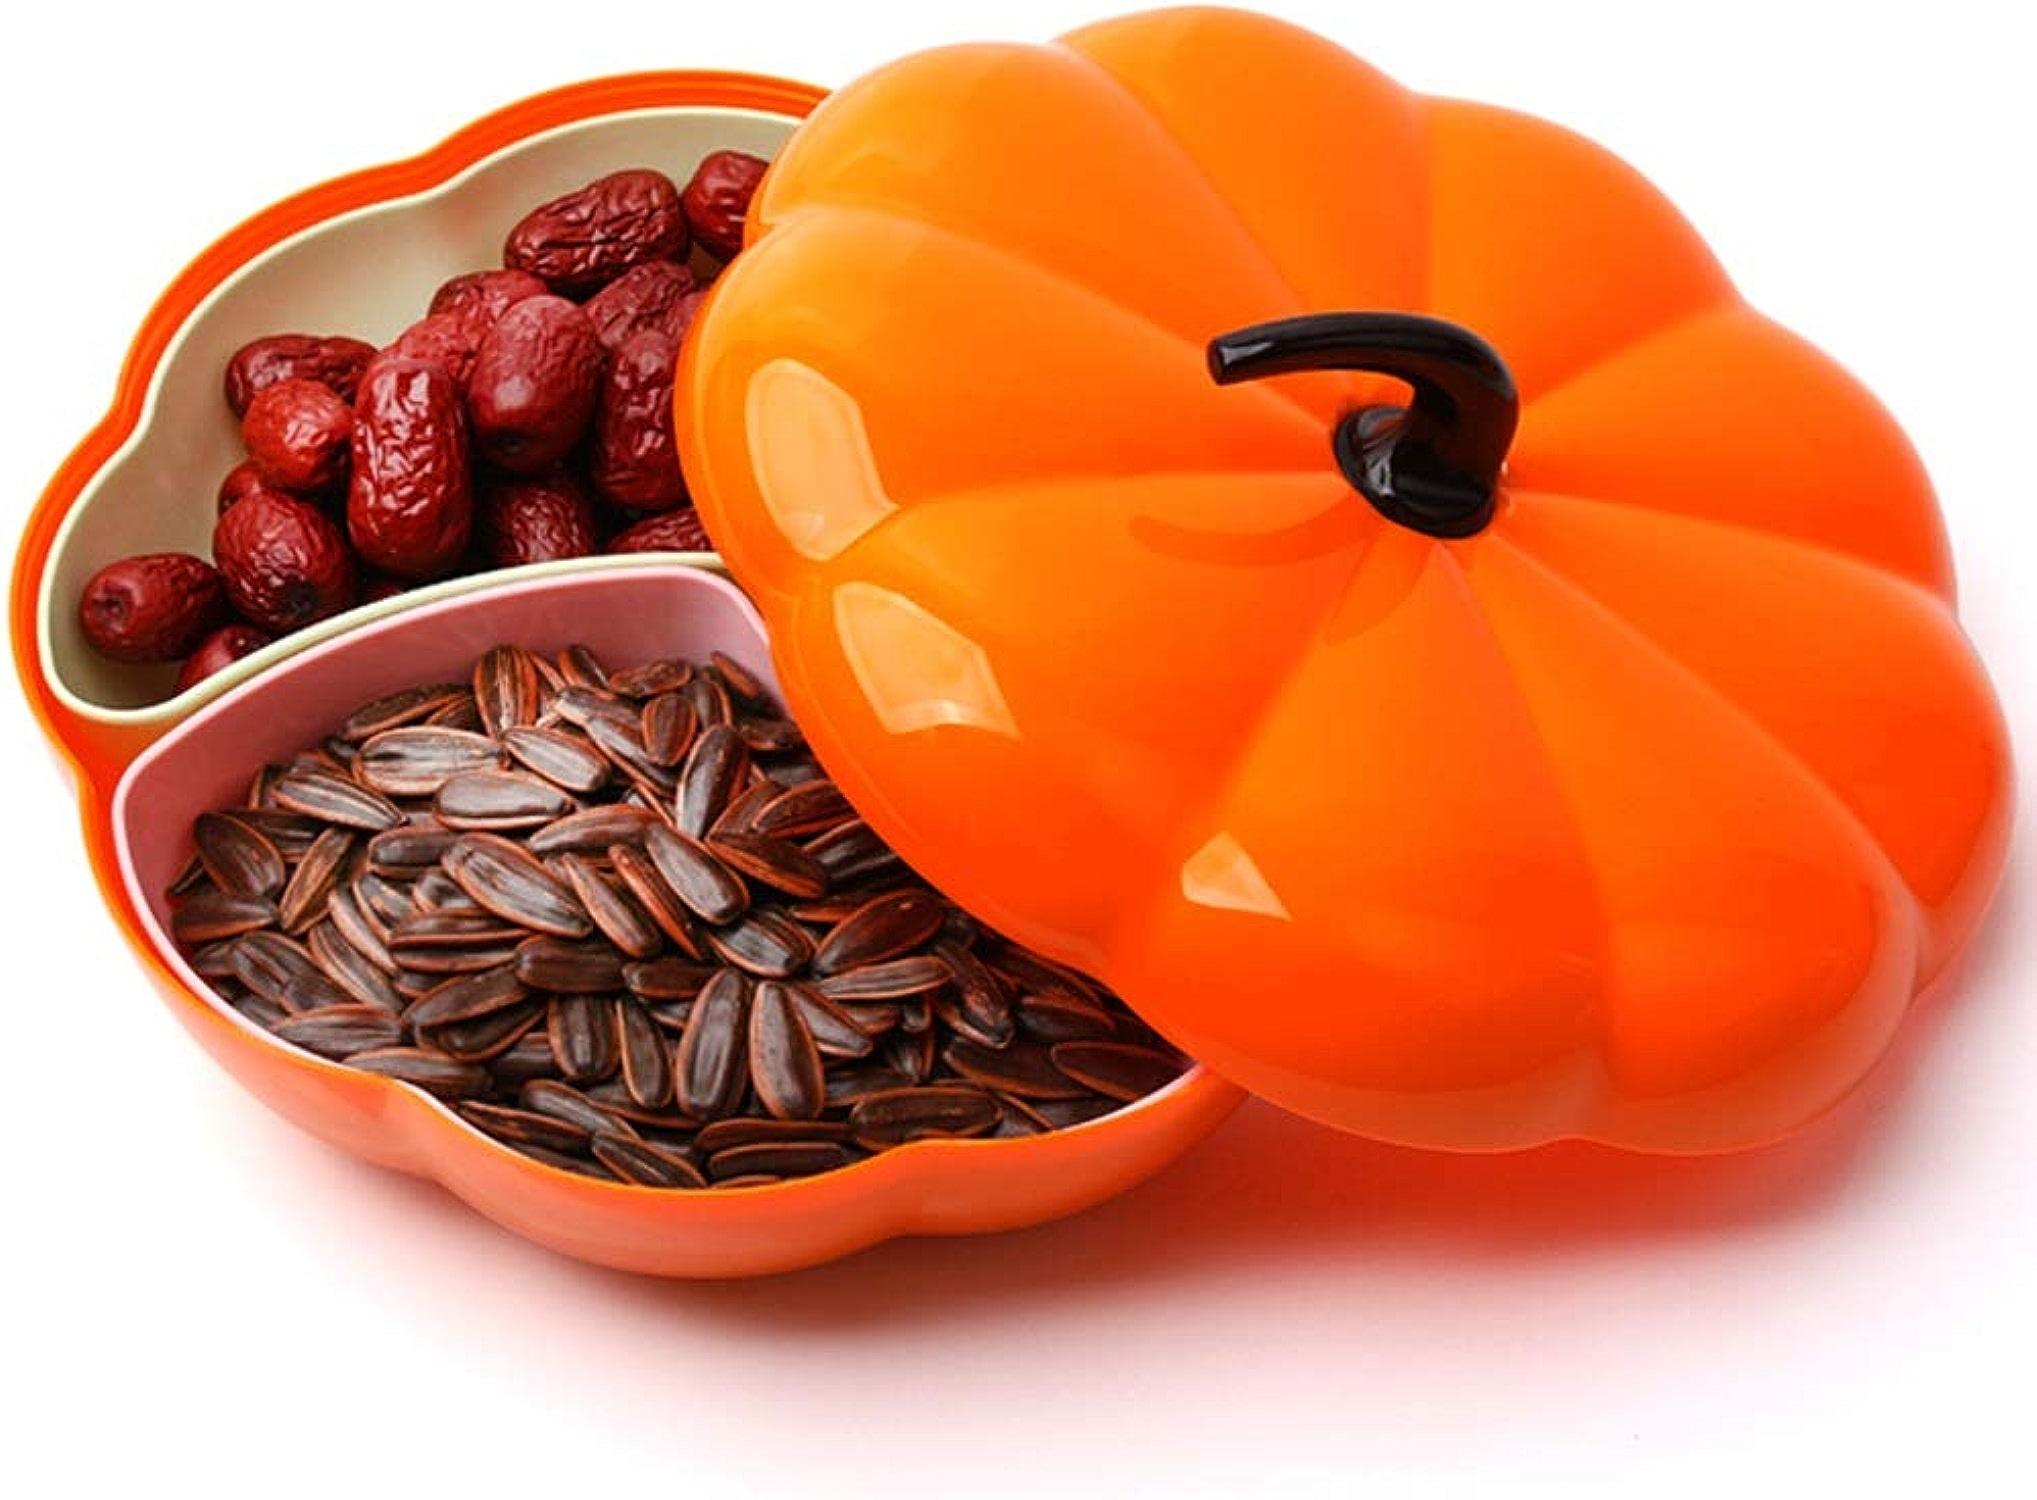 MING'FRUIT Panier à fruits créatif en plastique graines avec grille porte-fruits bonbons noix fruits secs fruits présentoir forme de citrouille - Orange -0923